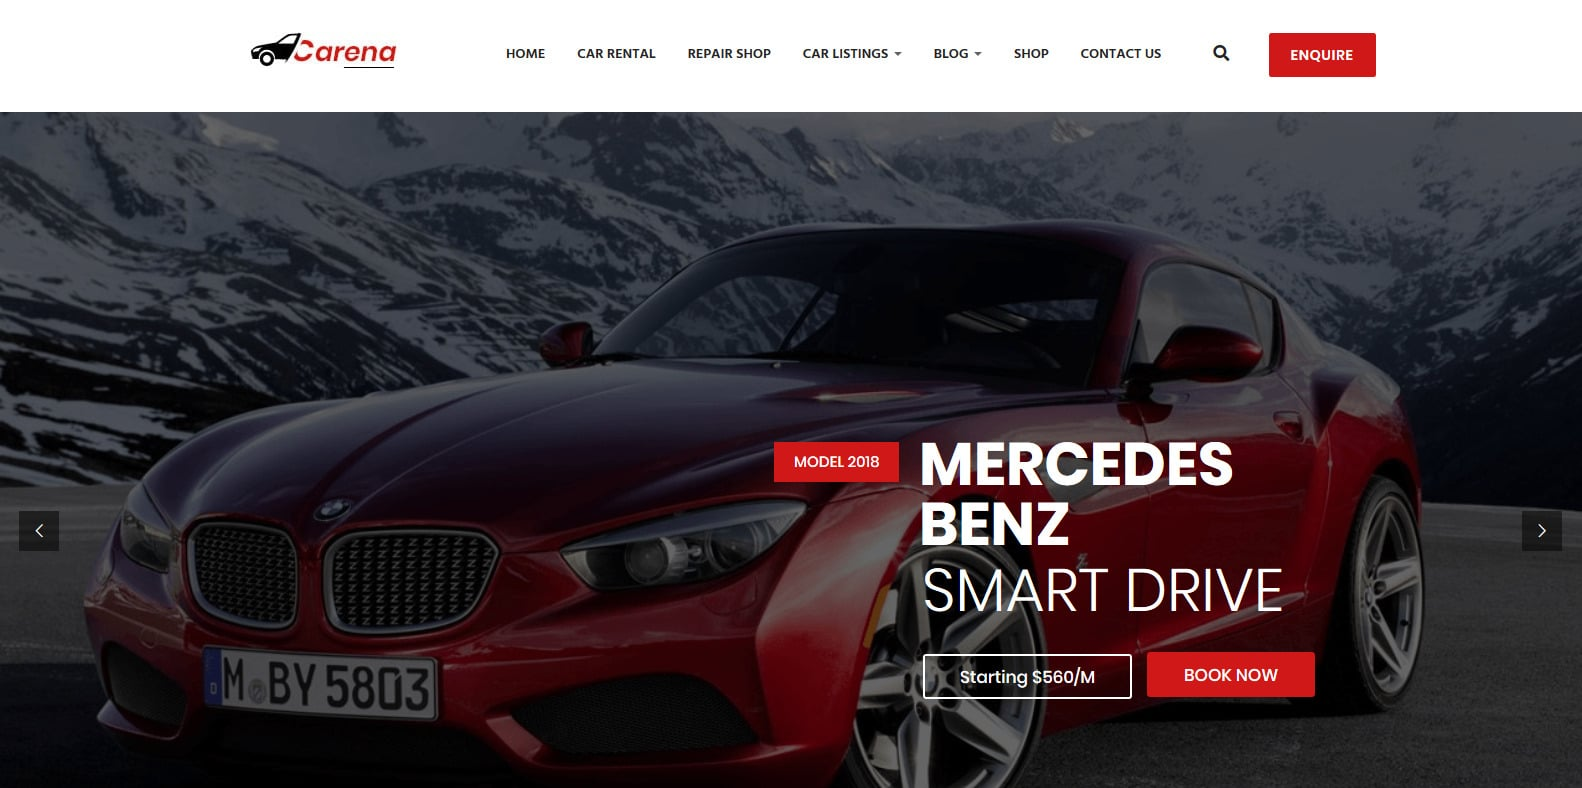 carena-automotive-website-template